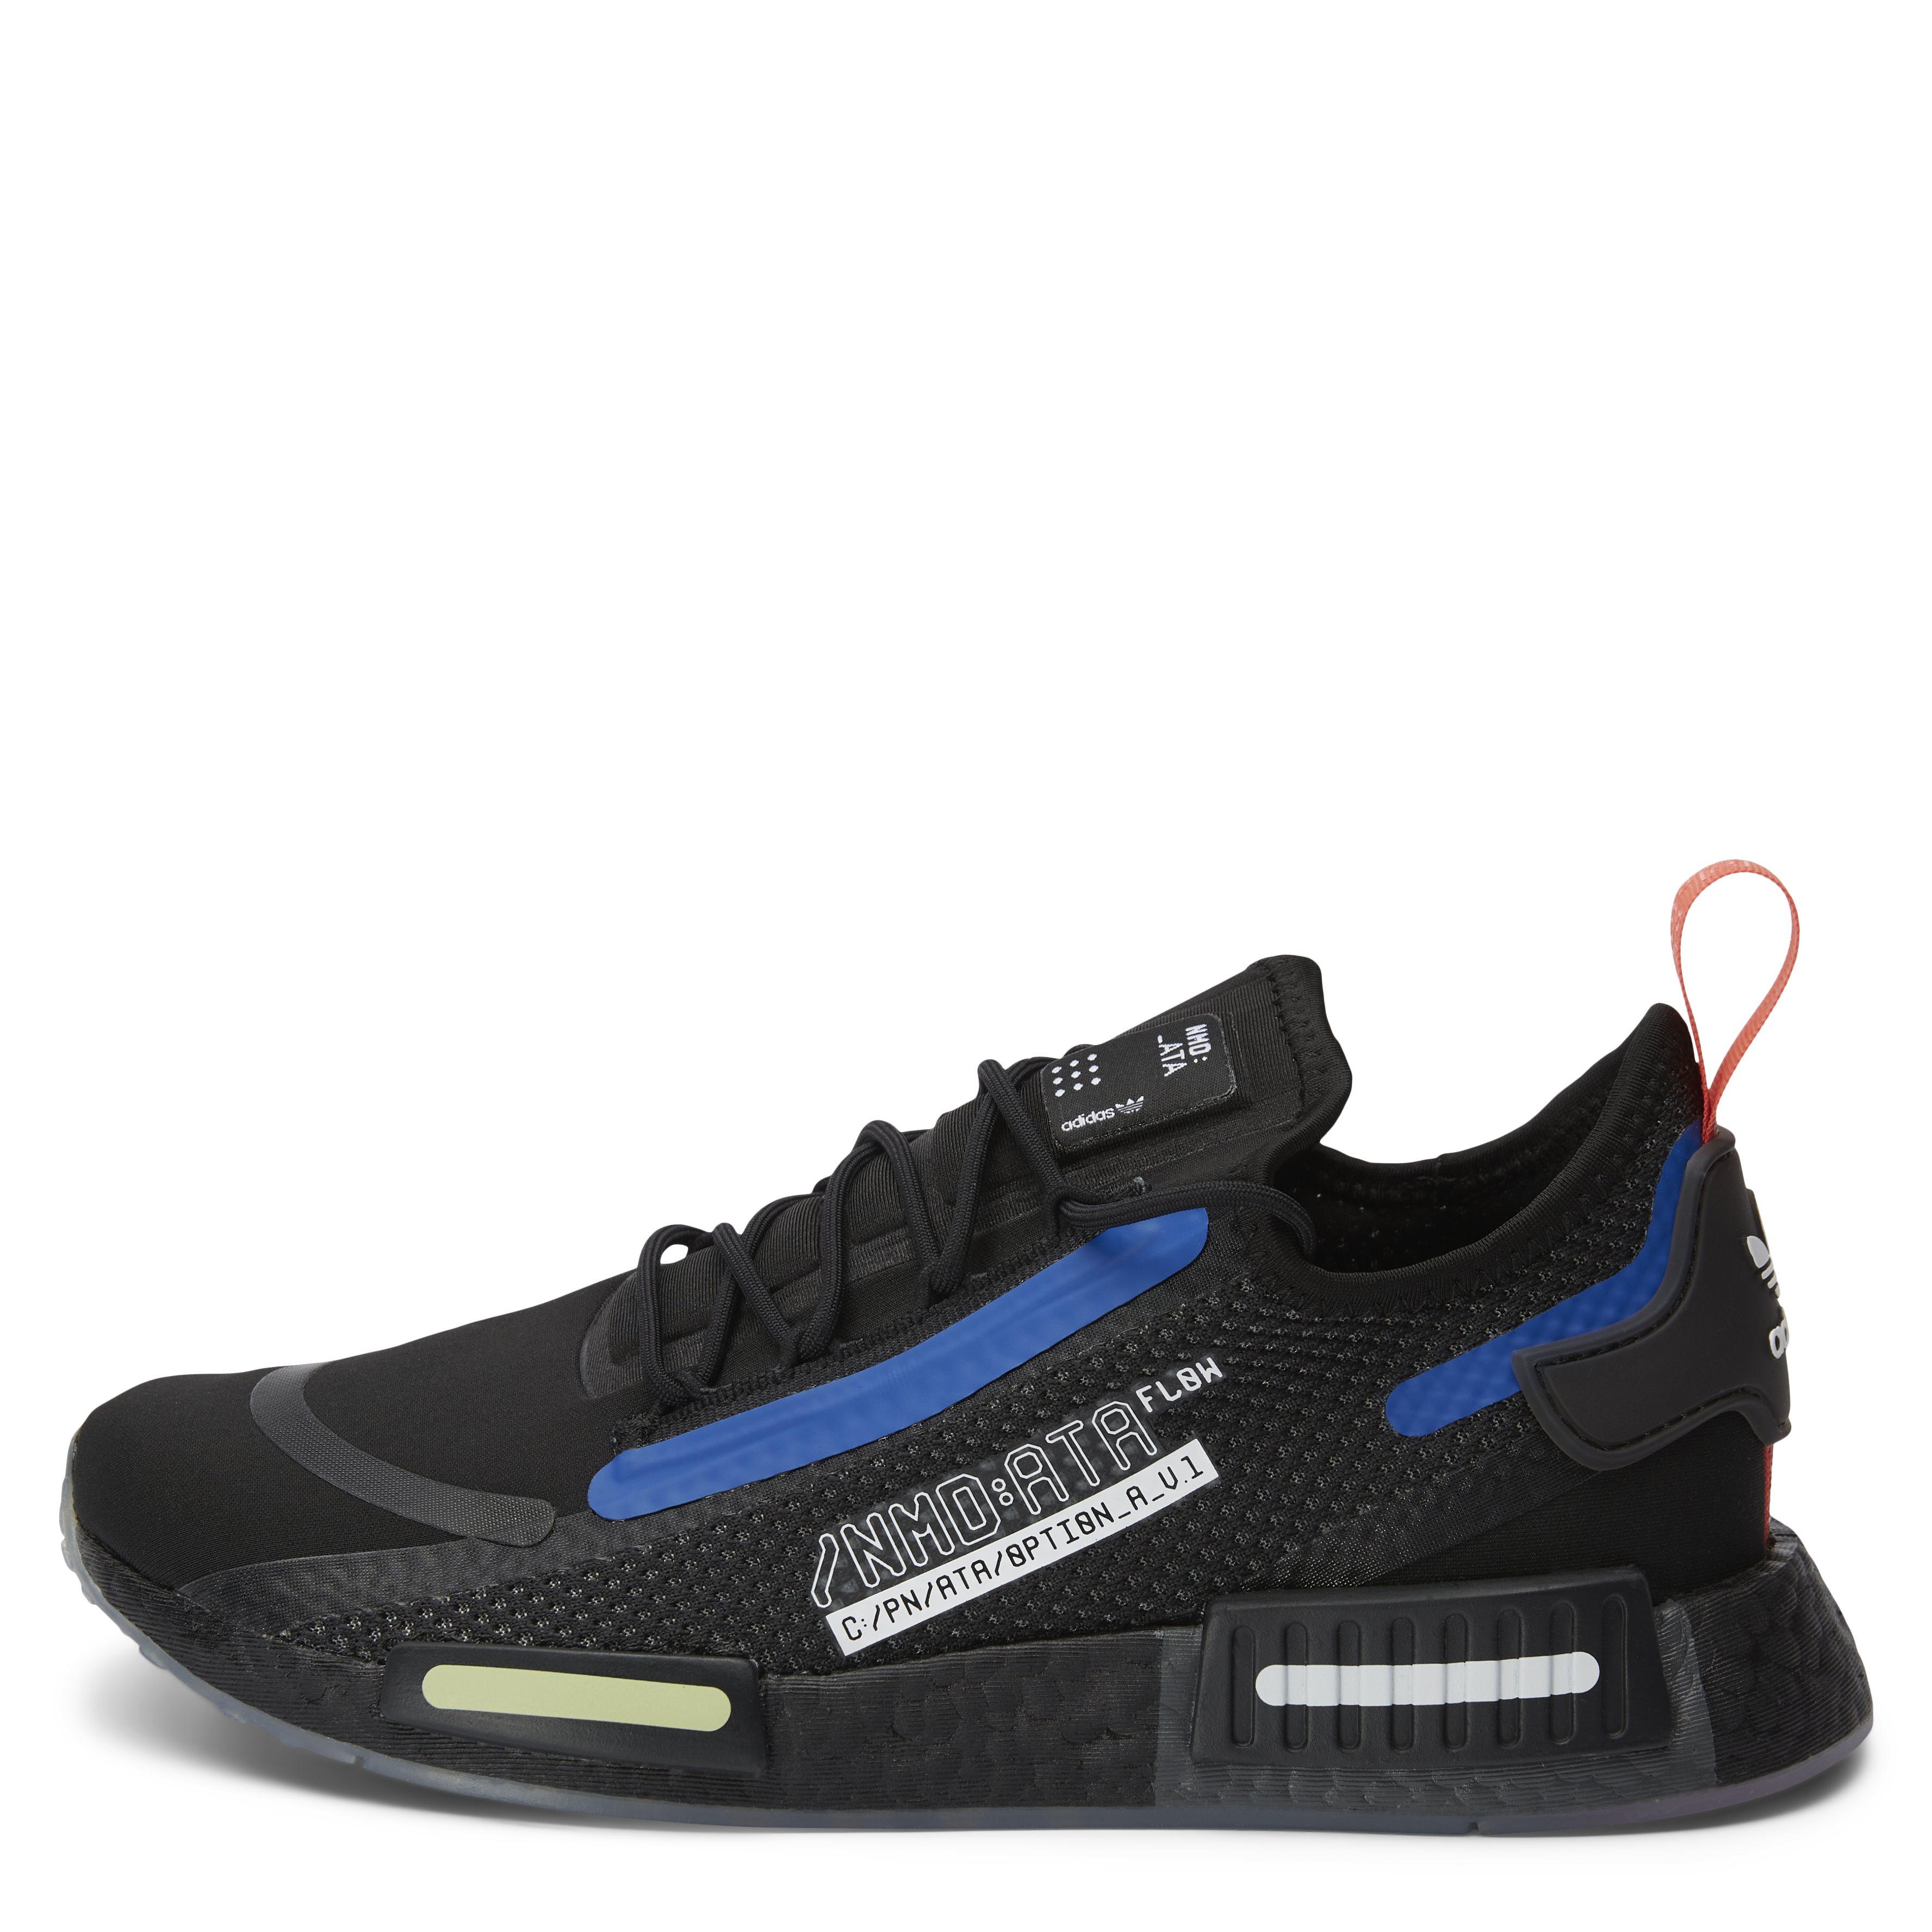 NMD_R1 Spectoo Sneaker - Sko - Sort